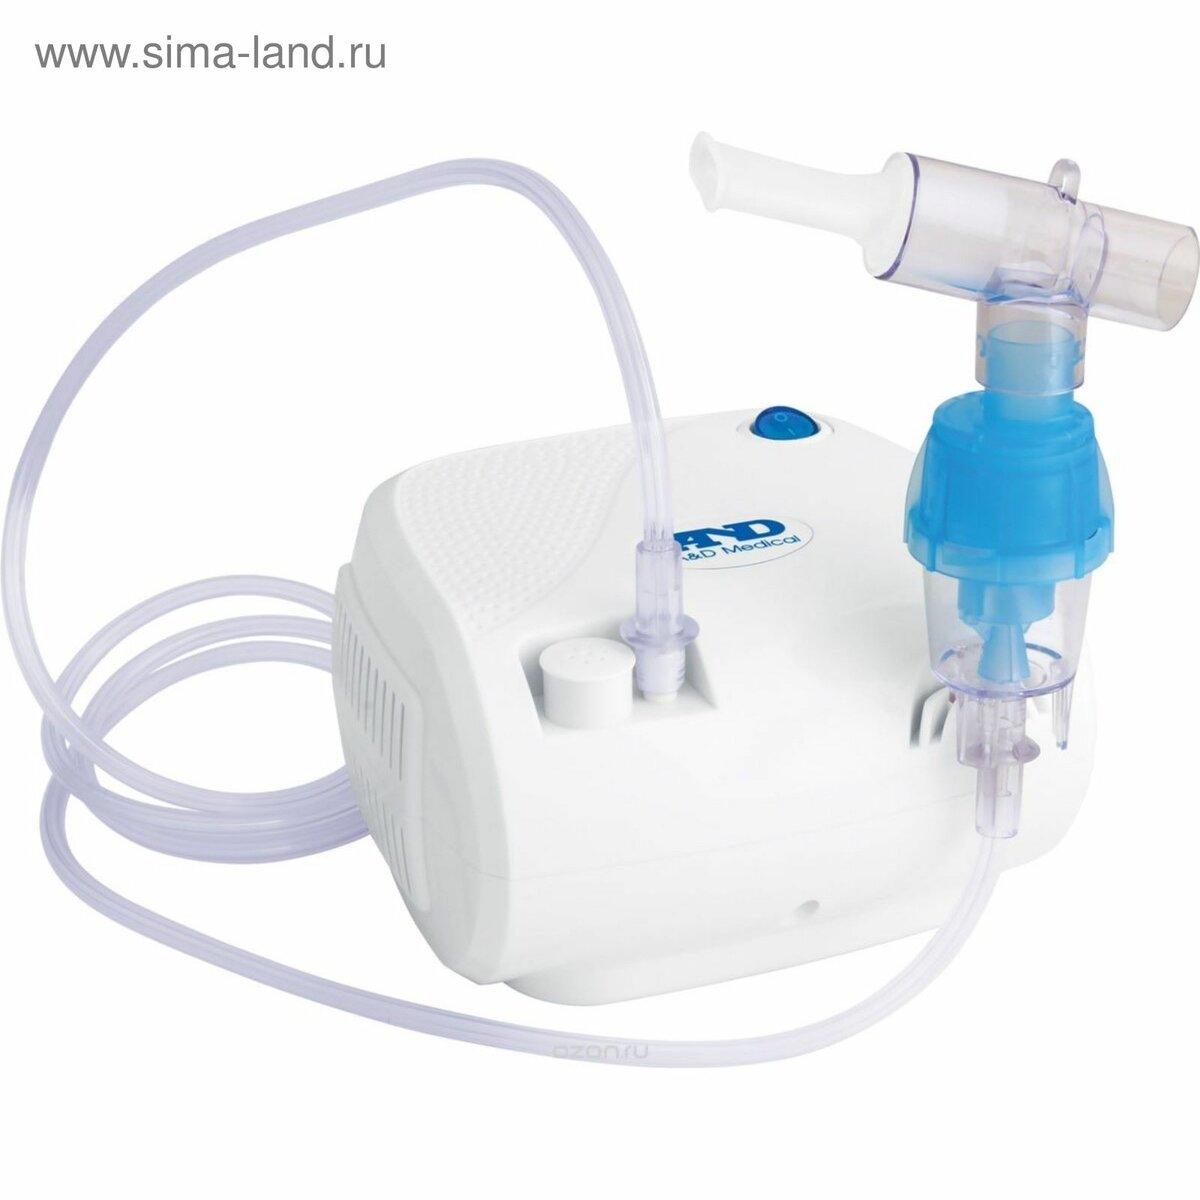 Pulmofix от заболеваний дыхательных путей в Кирово-Чепецке